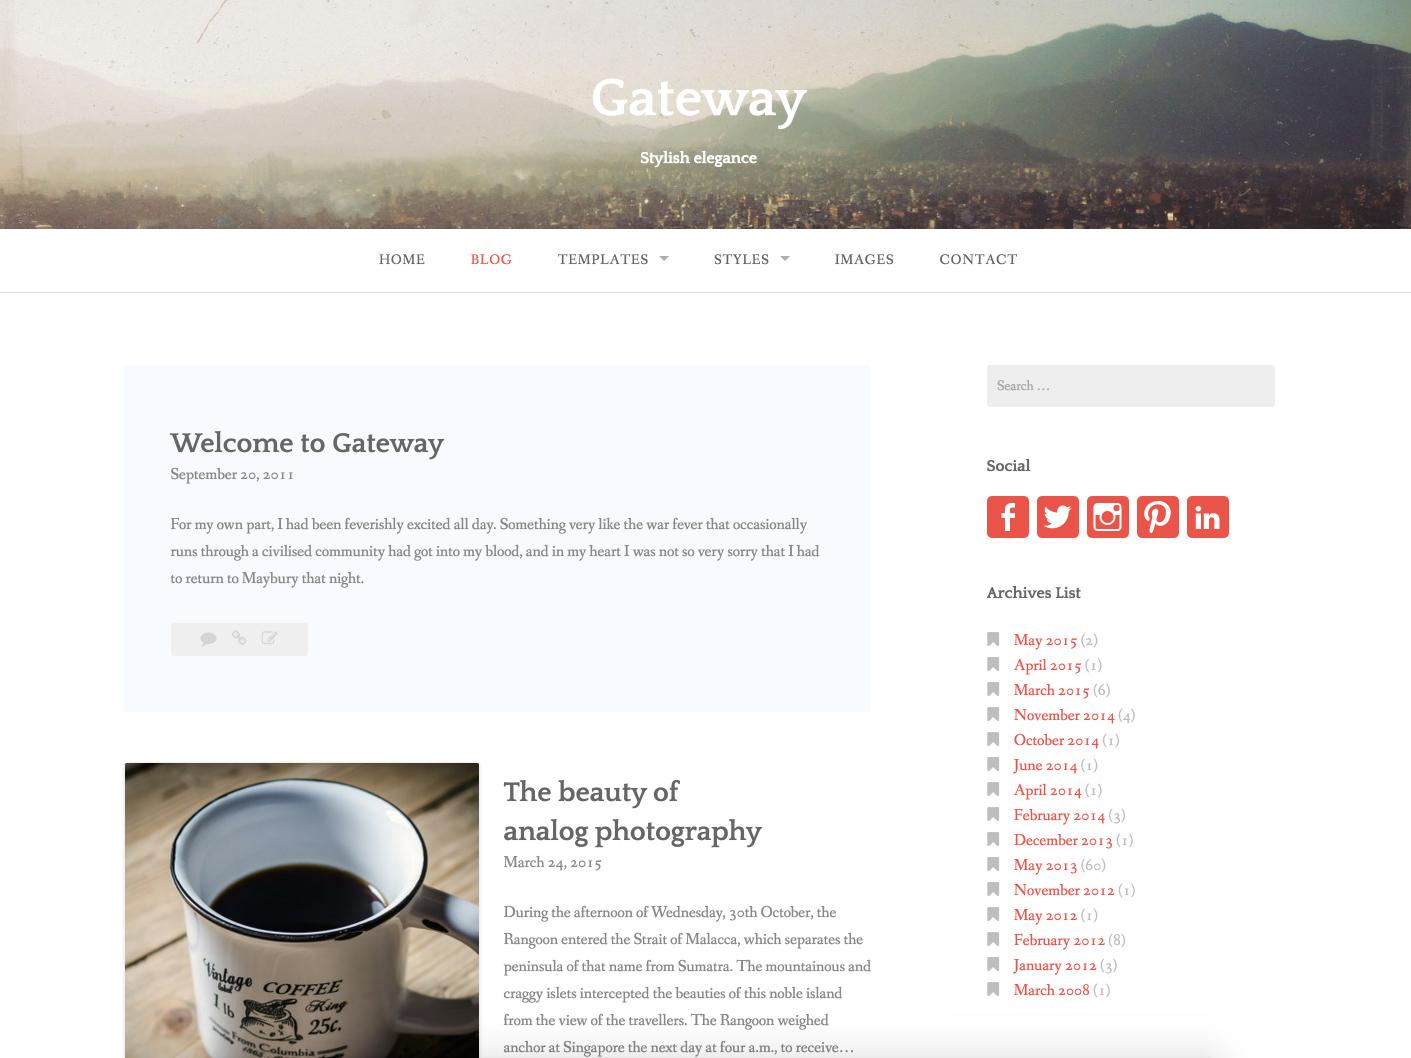 Gateway WordPress Theme